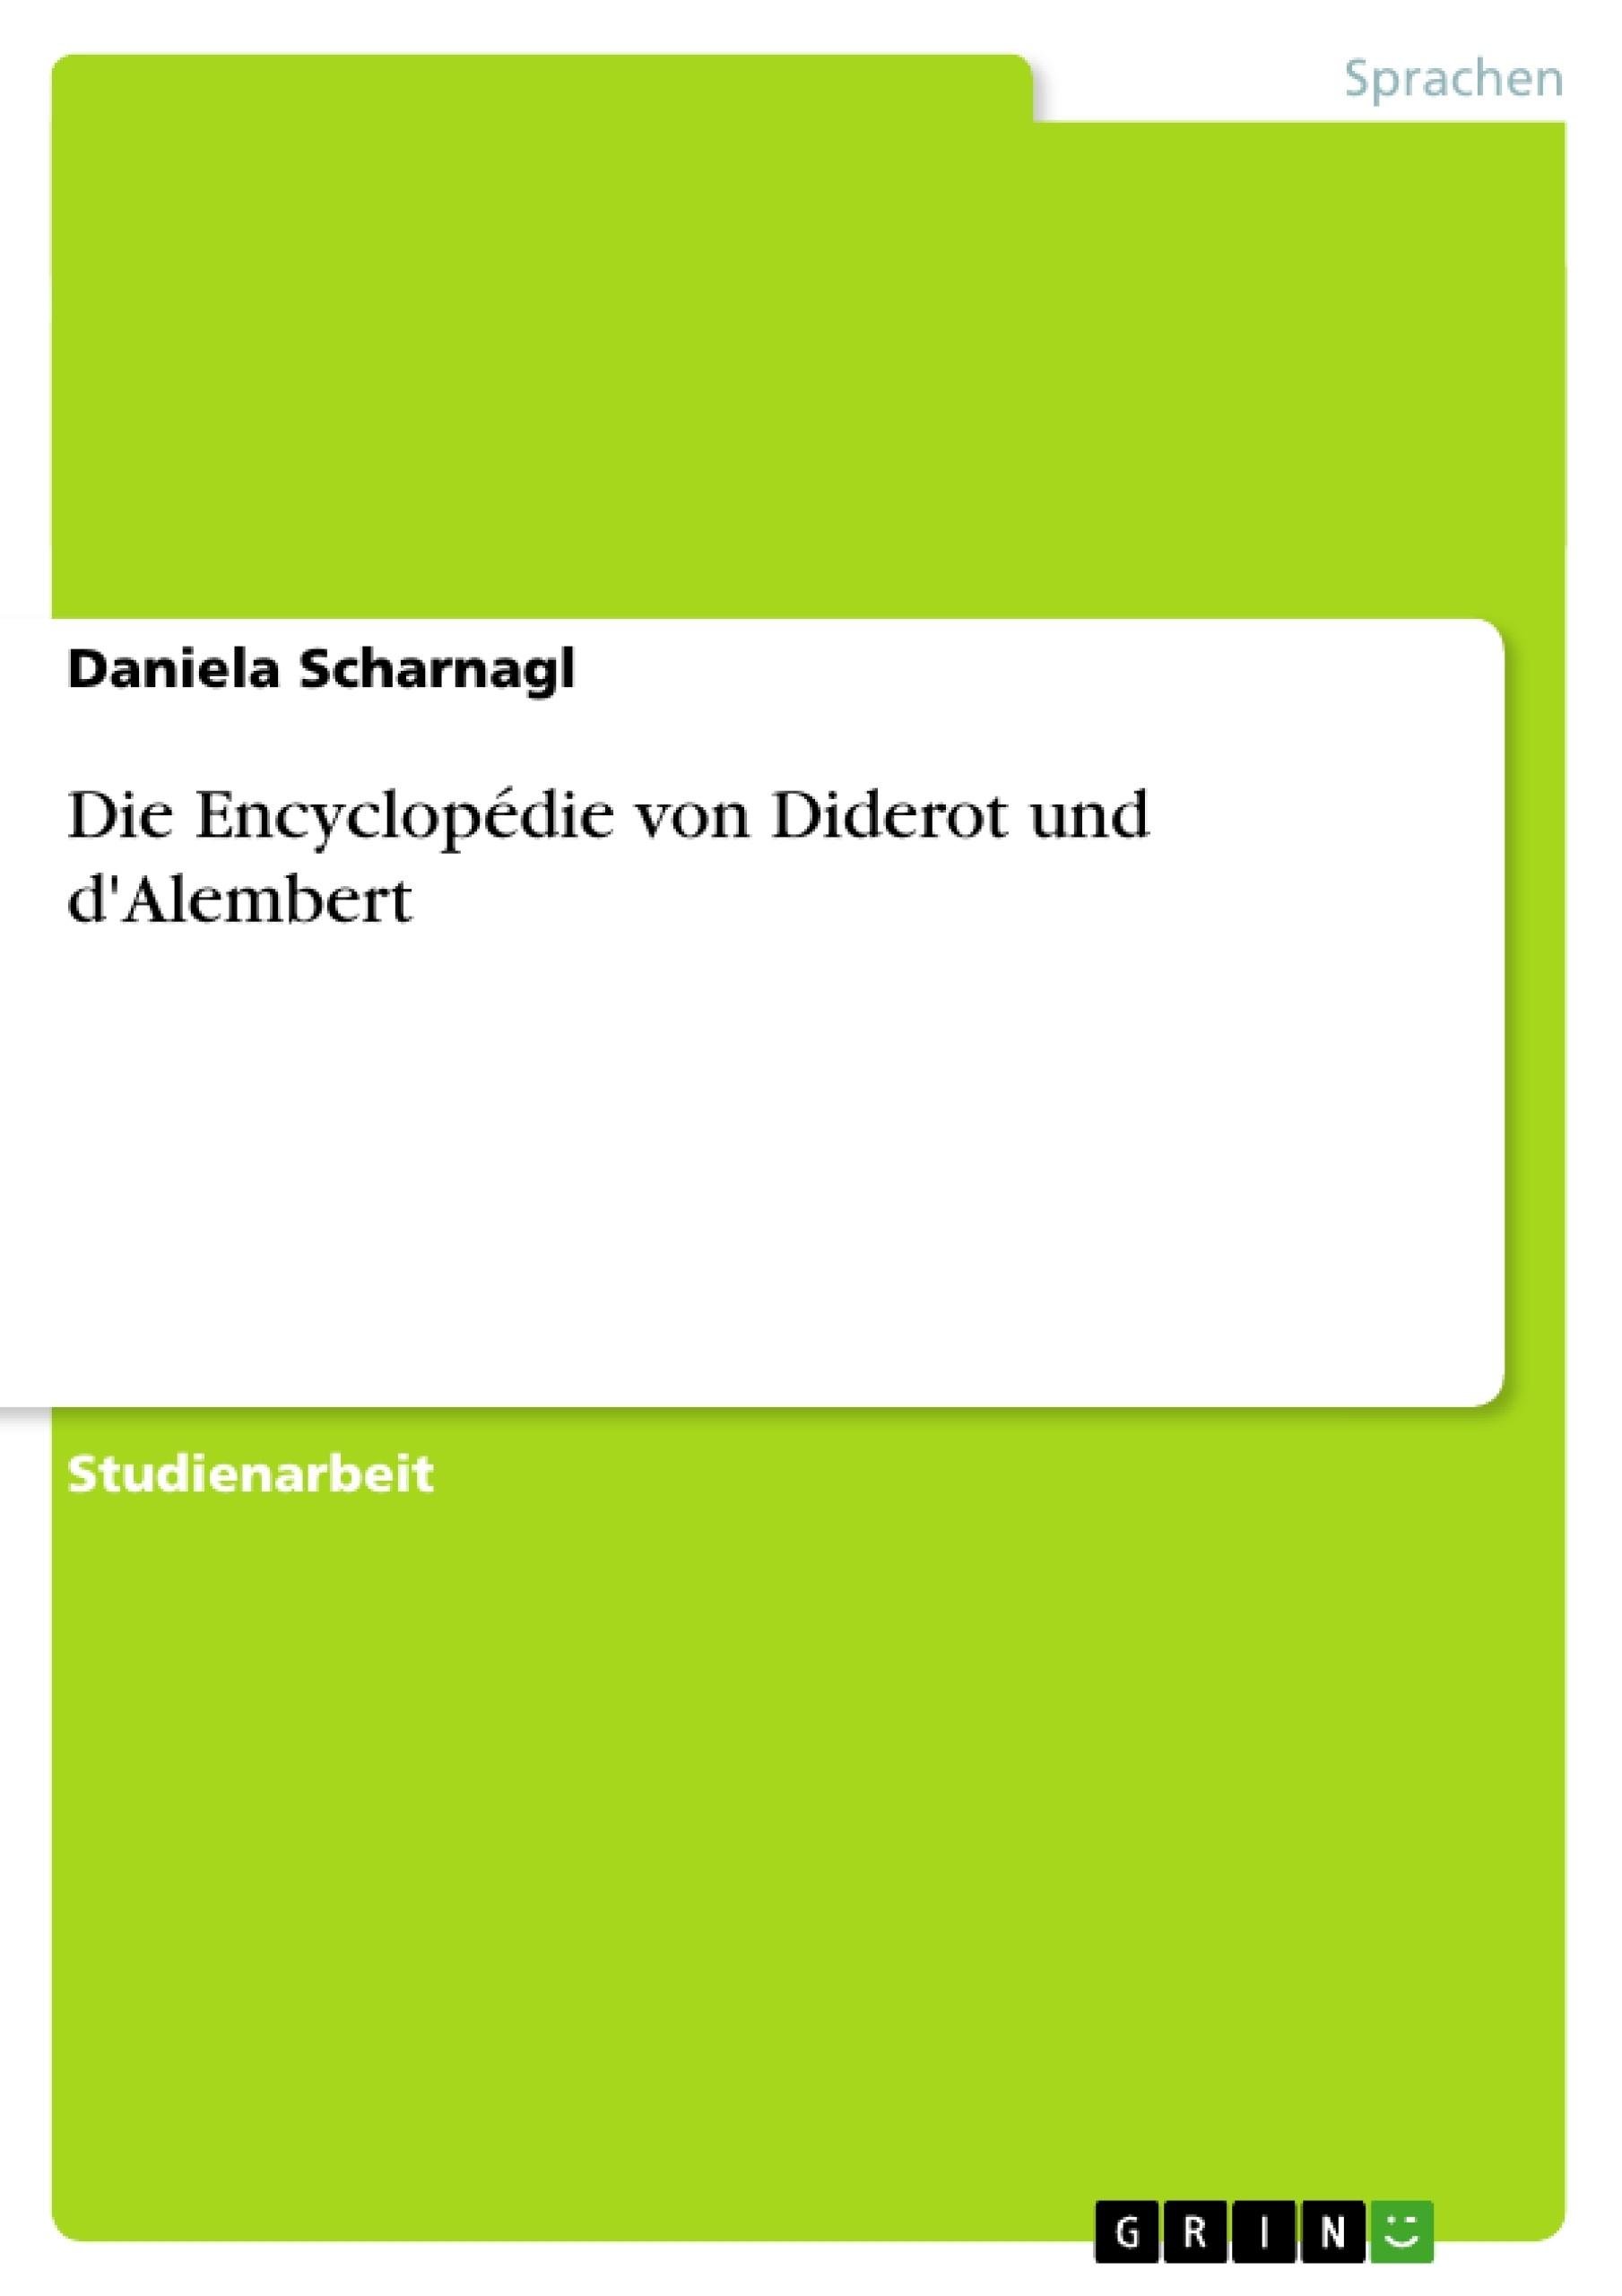 Titel: Die Encyclopédie von Diderot und d'Alembert